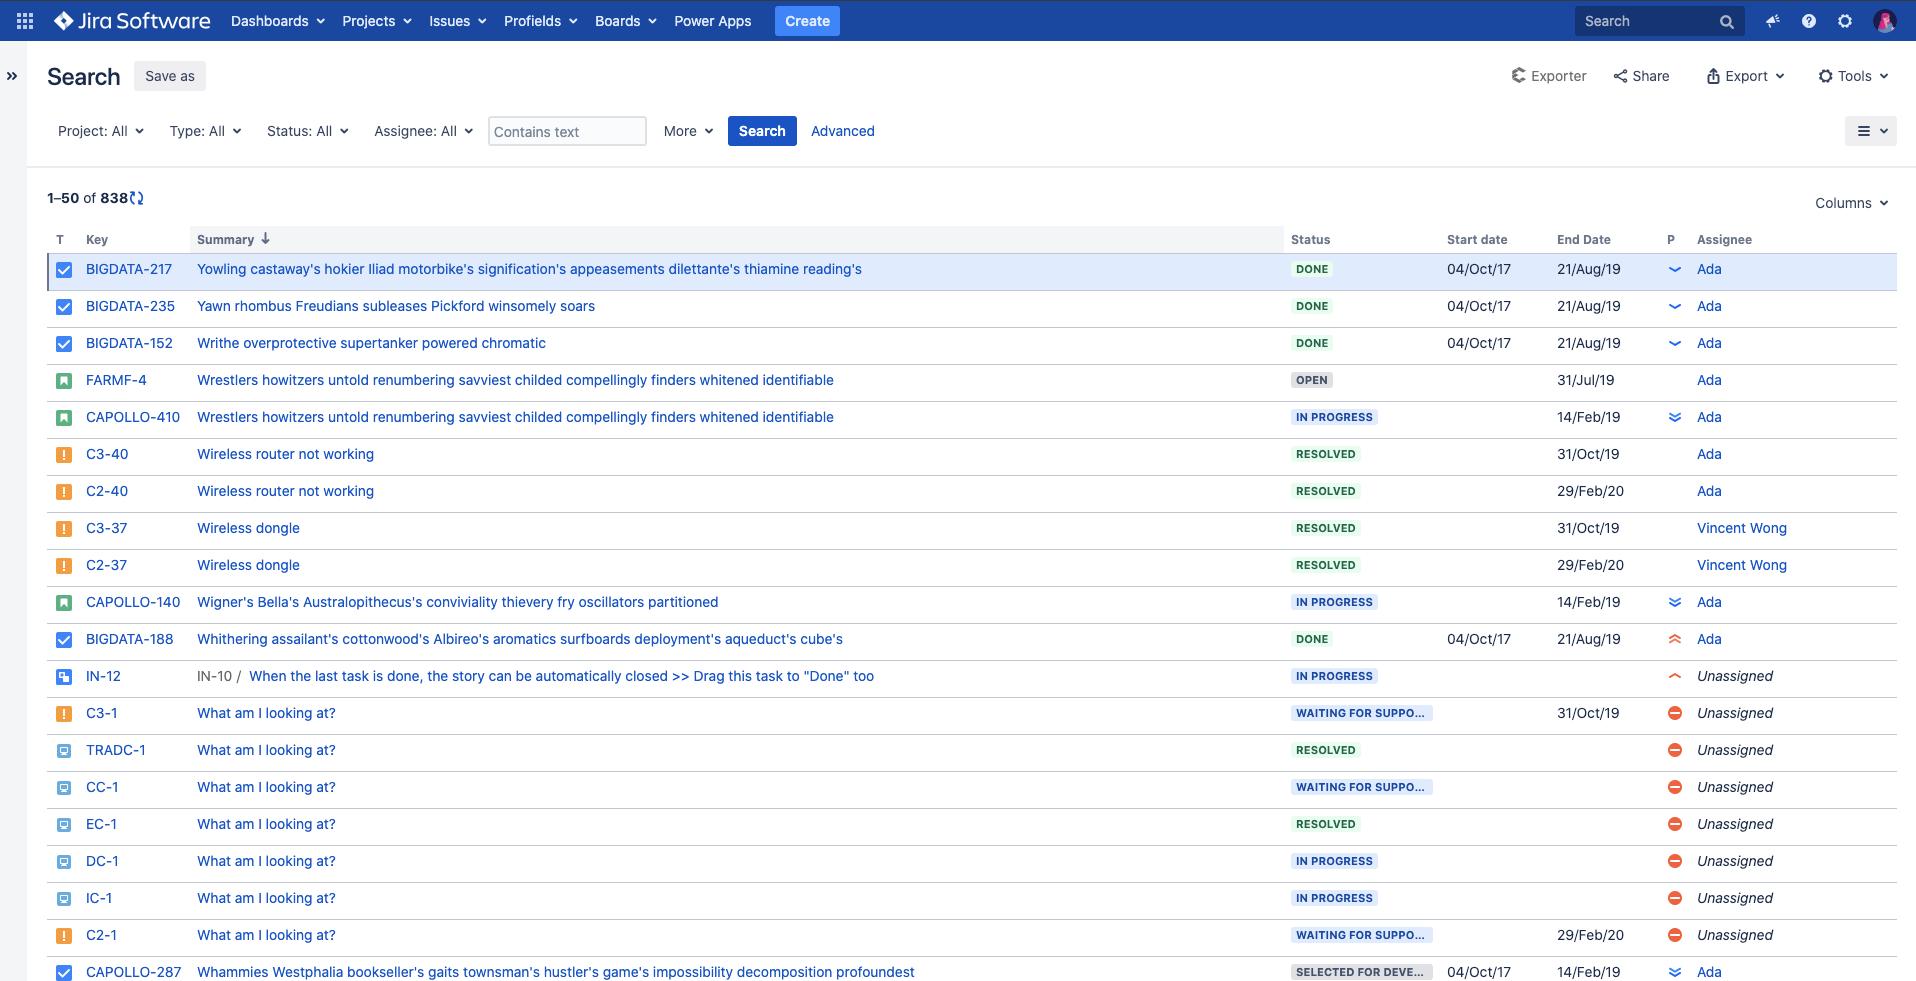 El navegador de issues de Jira te ofrece una vista de todas las issues dentro de la herramienta de software.